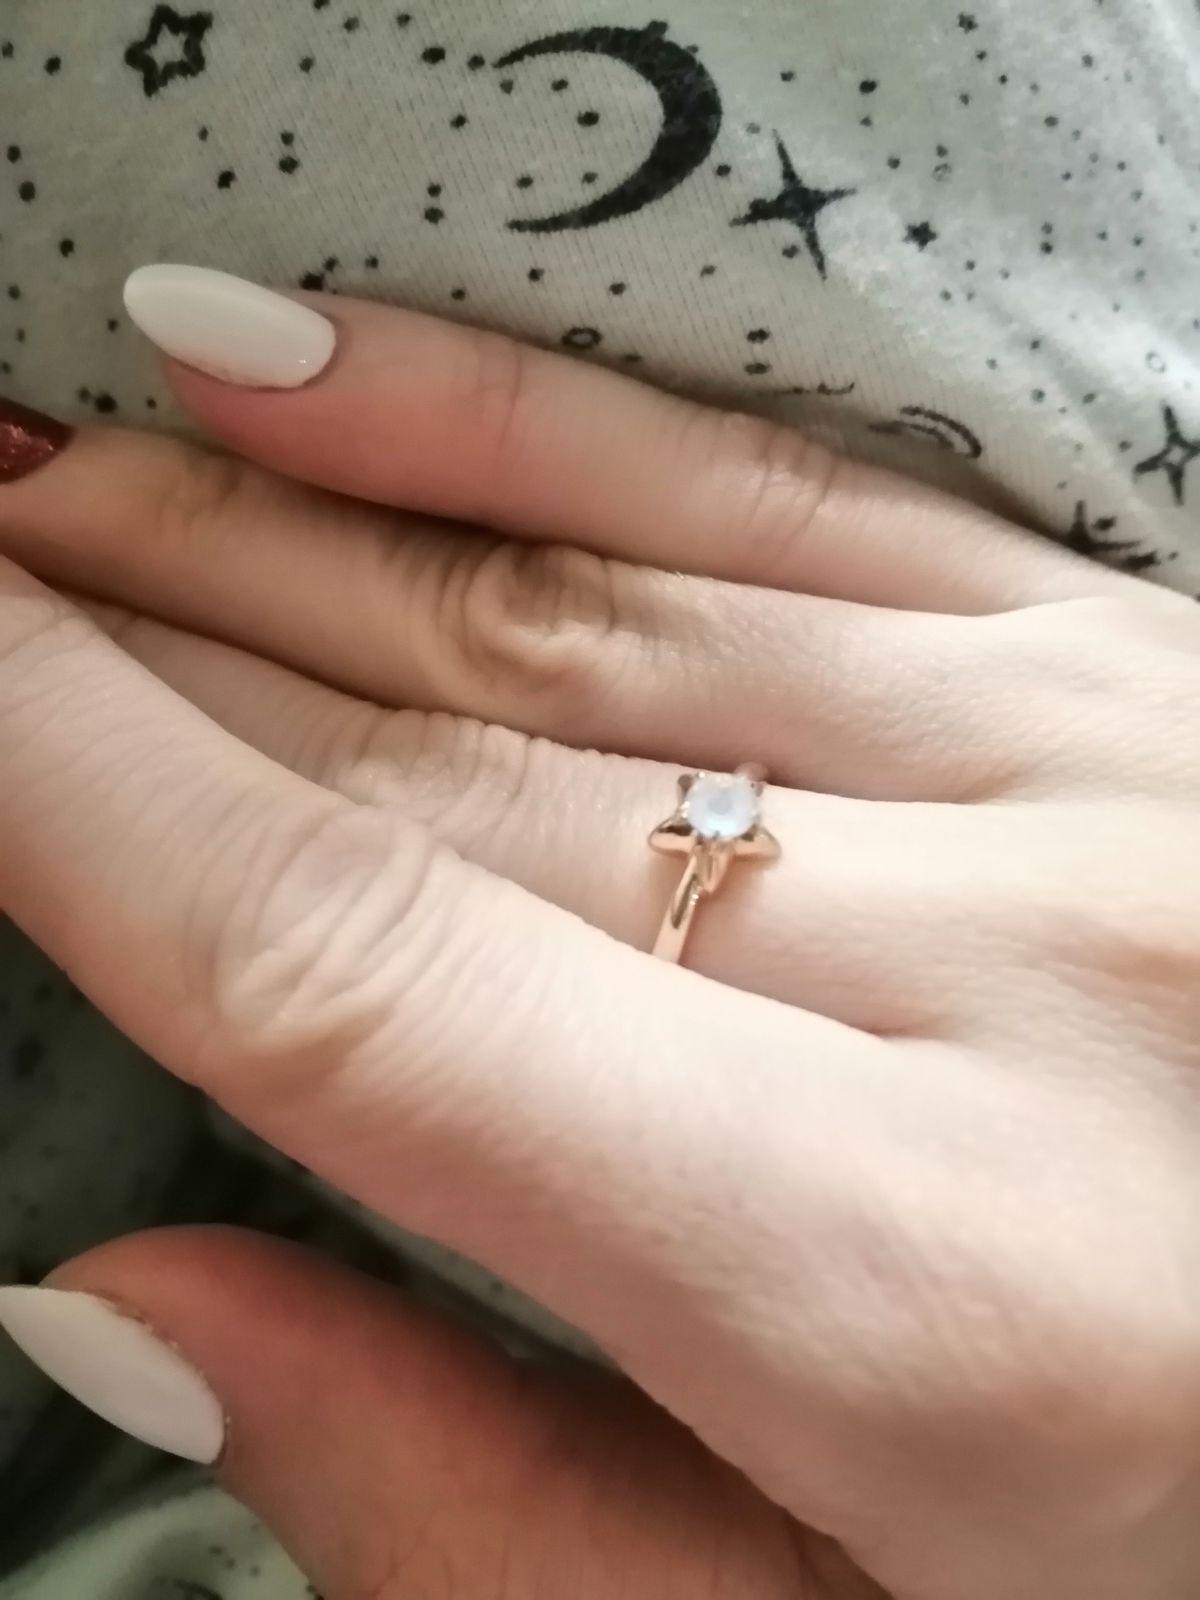 Кольцо о котором я мечтала